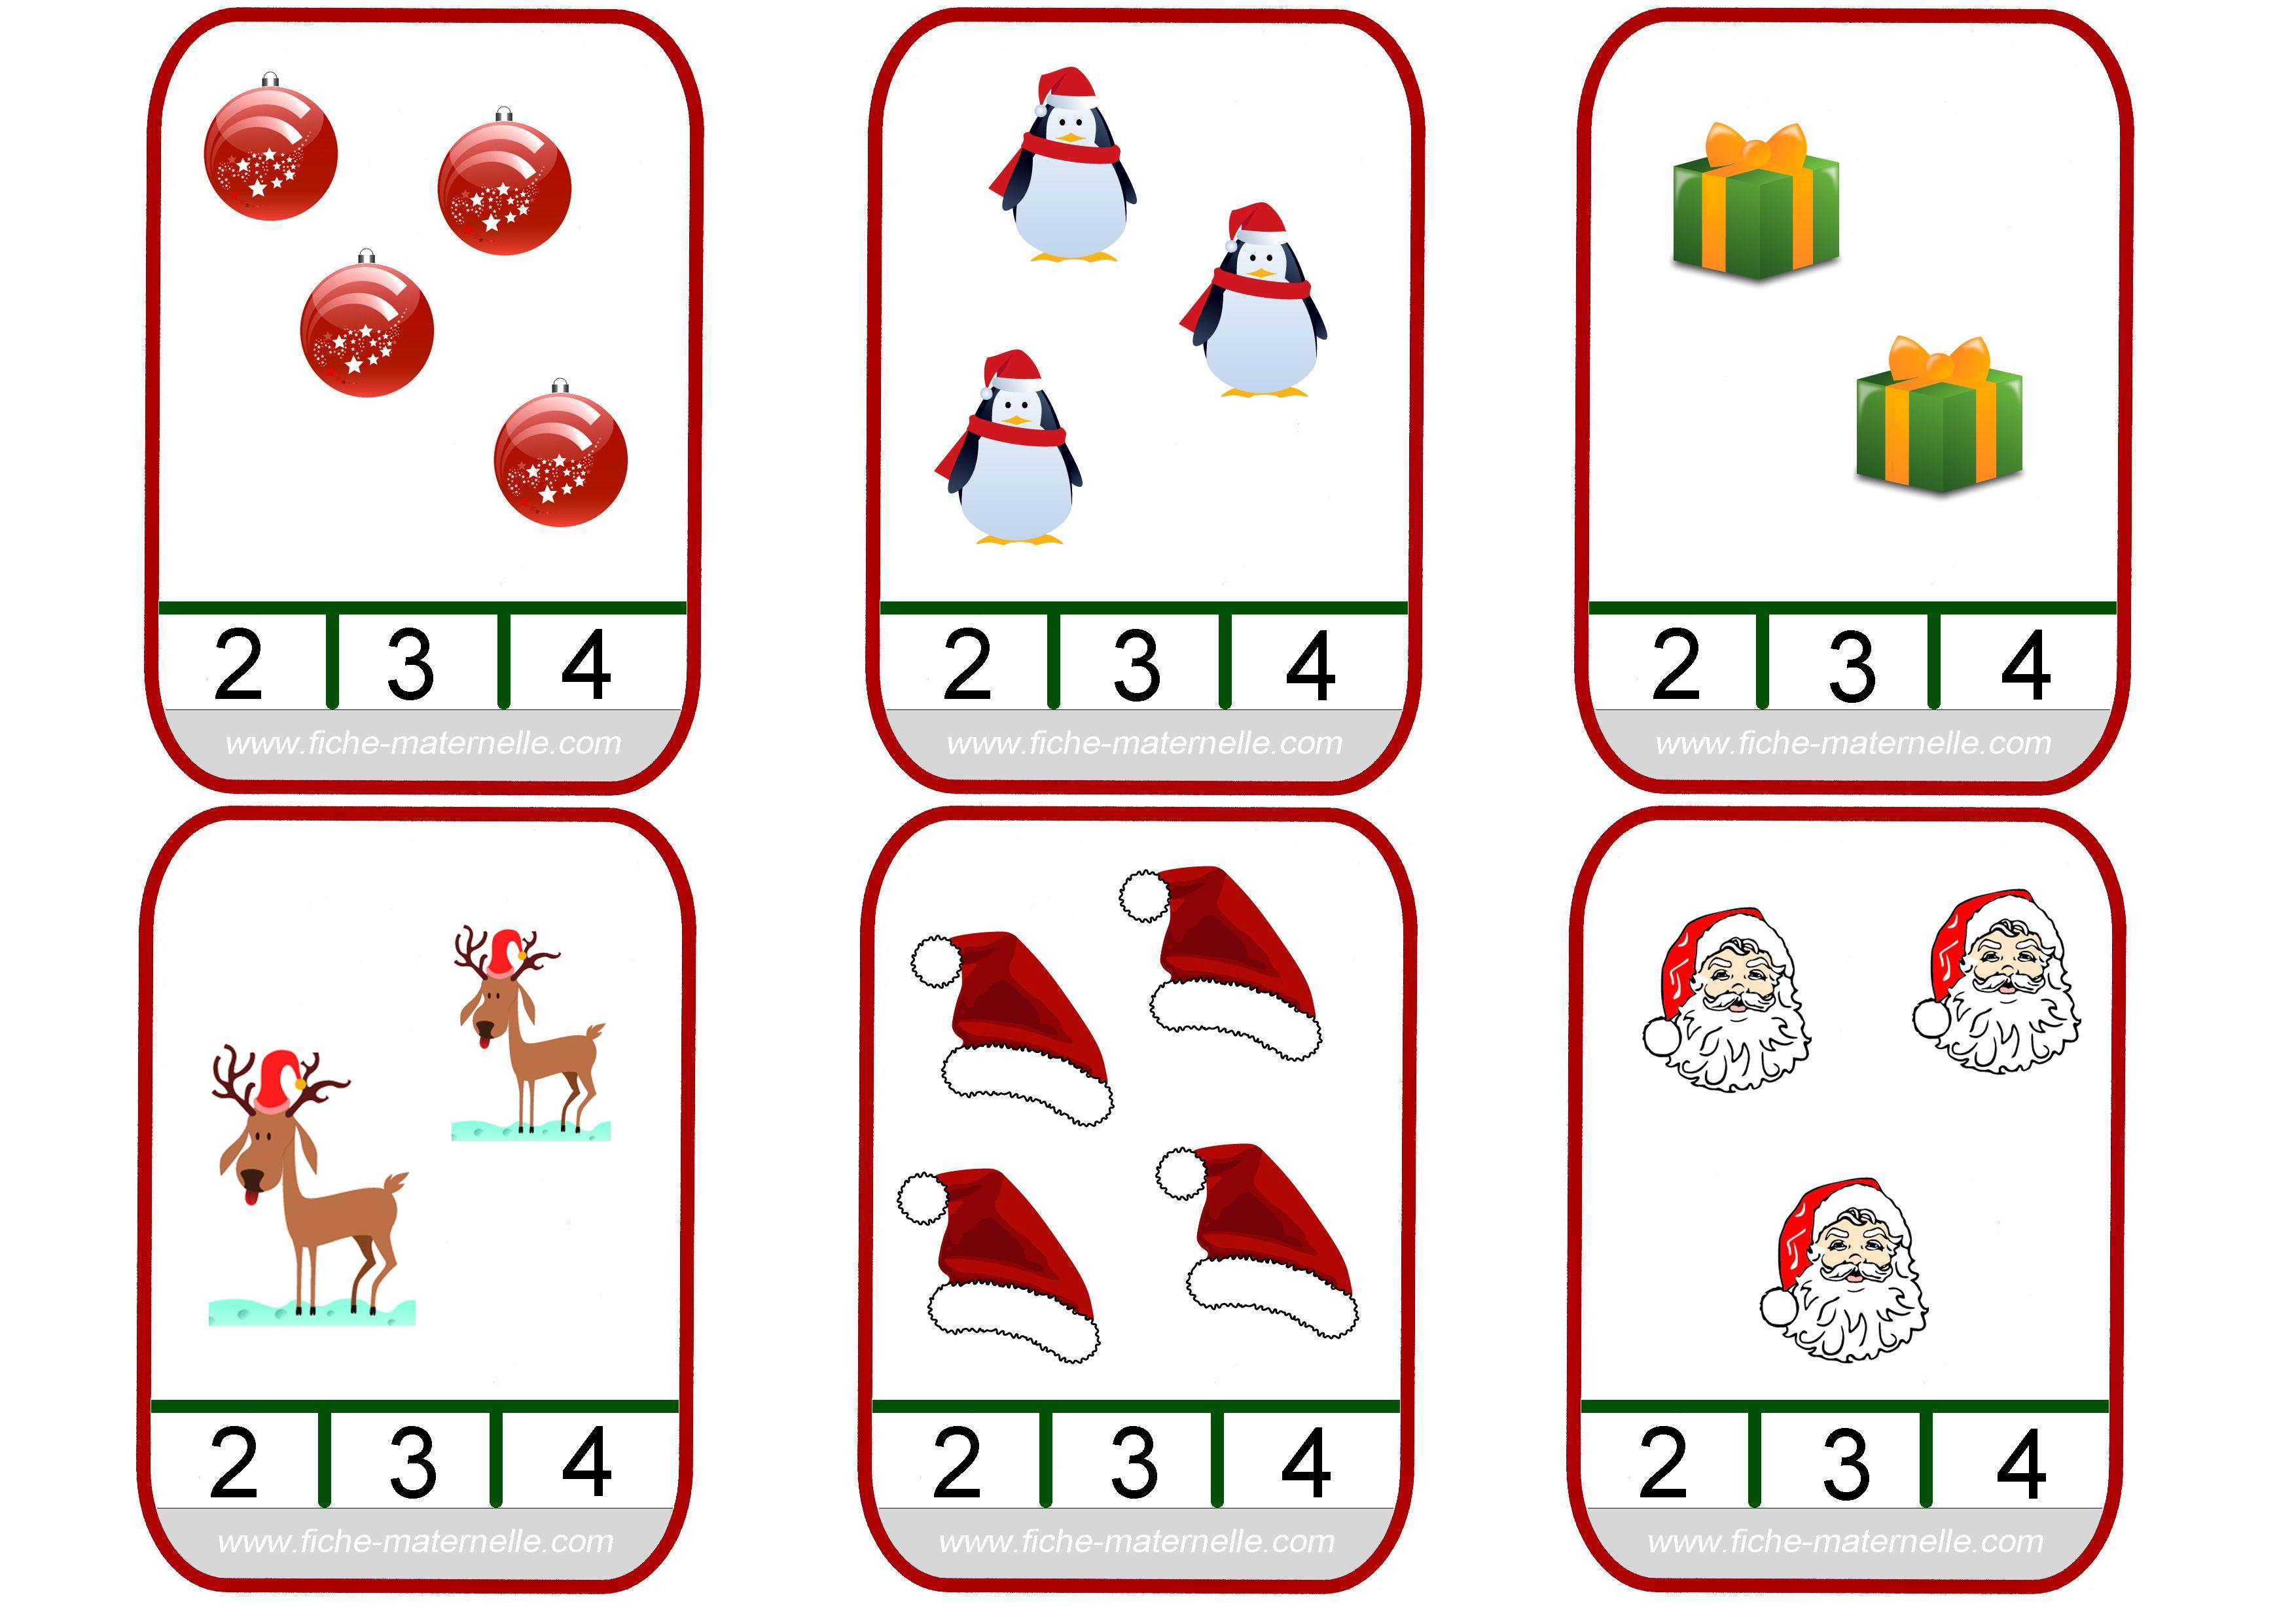 Matematika A Karácsonyi Témát A Gyerekszobában és A Cp Matematika